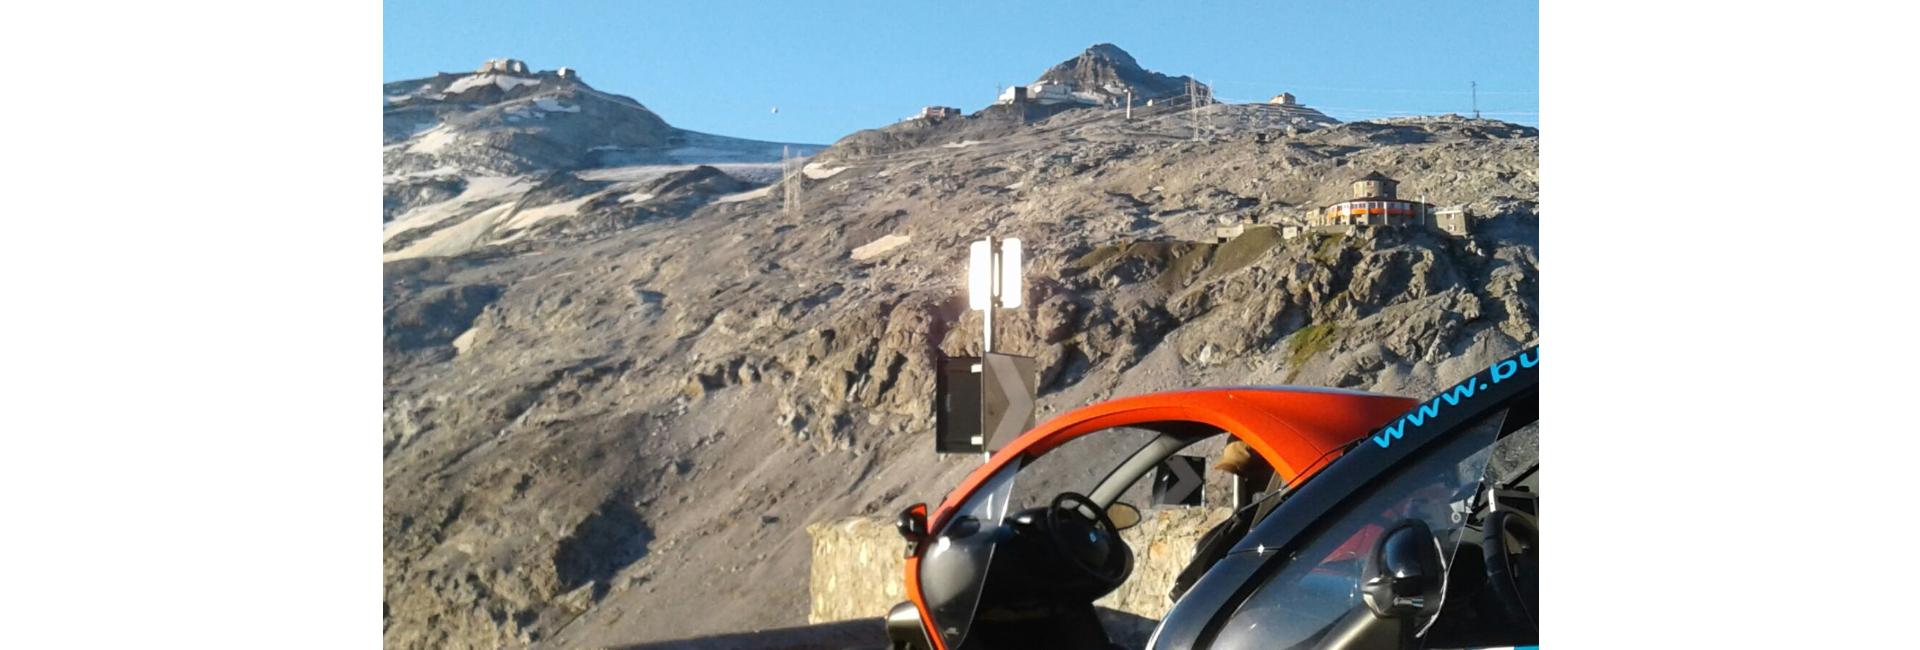 Twizy vor Alpen